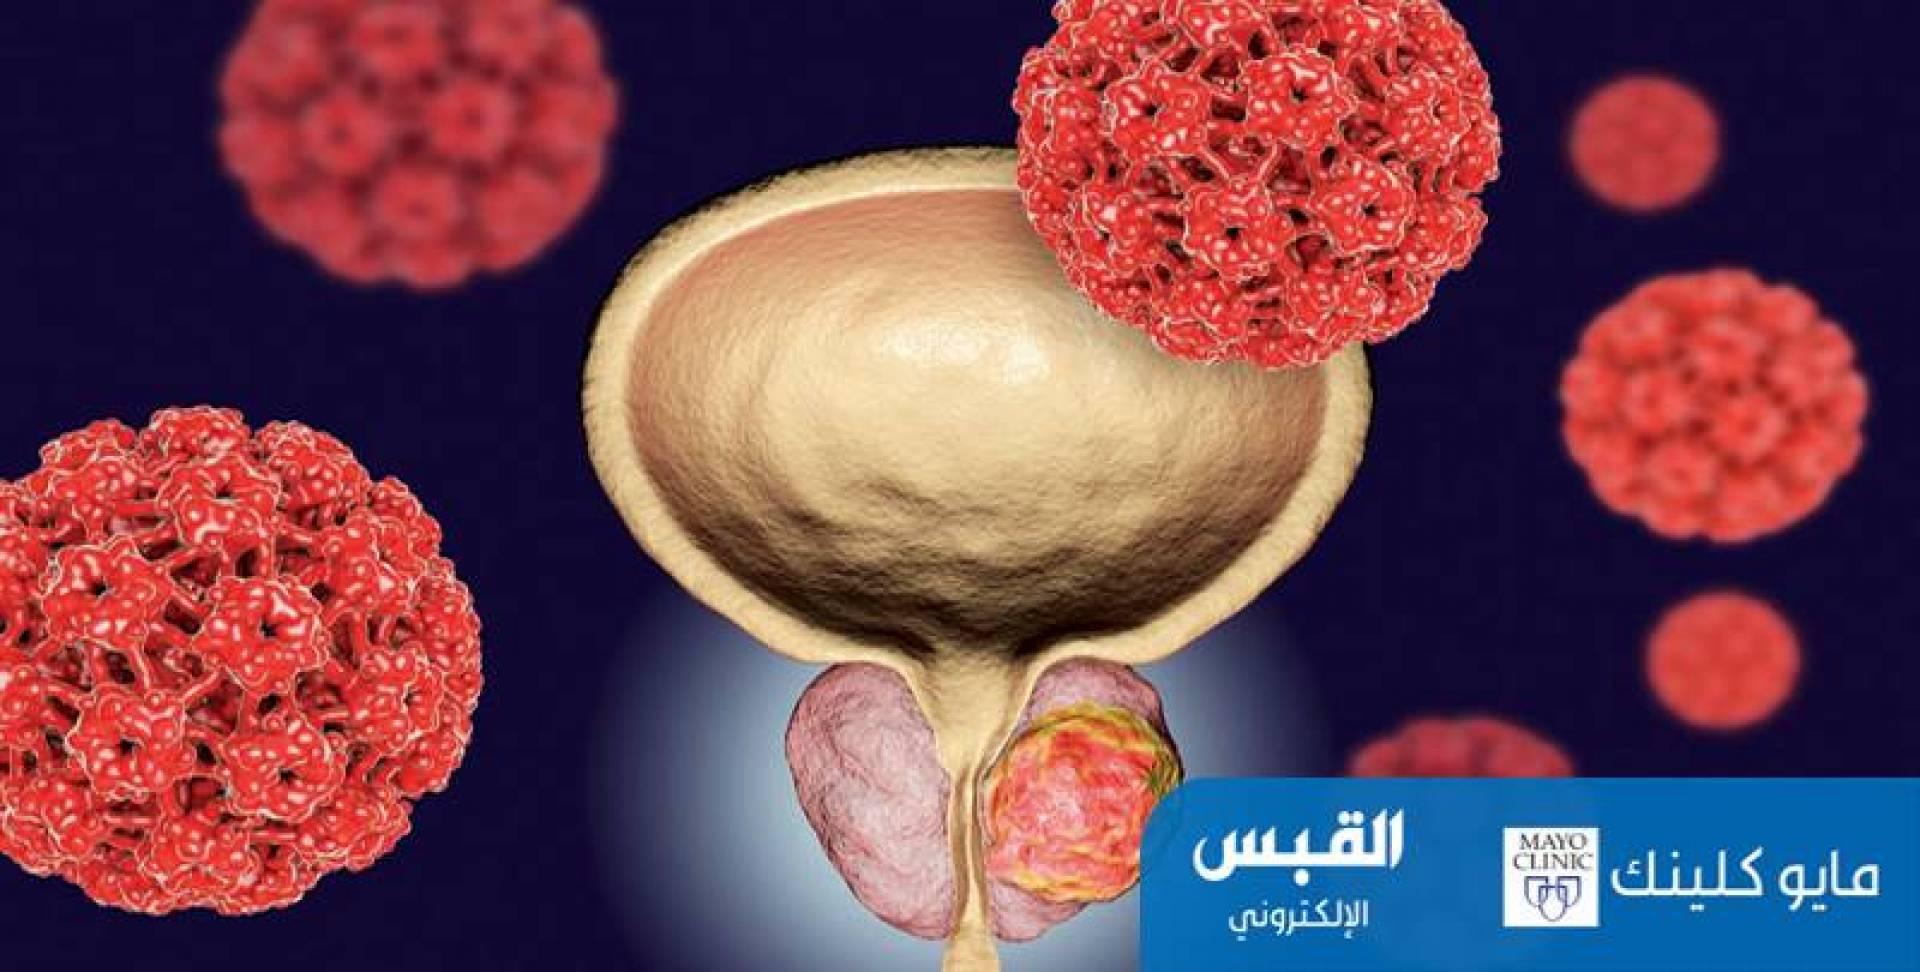 المعالجة الكثبية للبروستاتا.. تقتل الخلايا السرطانية